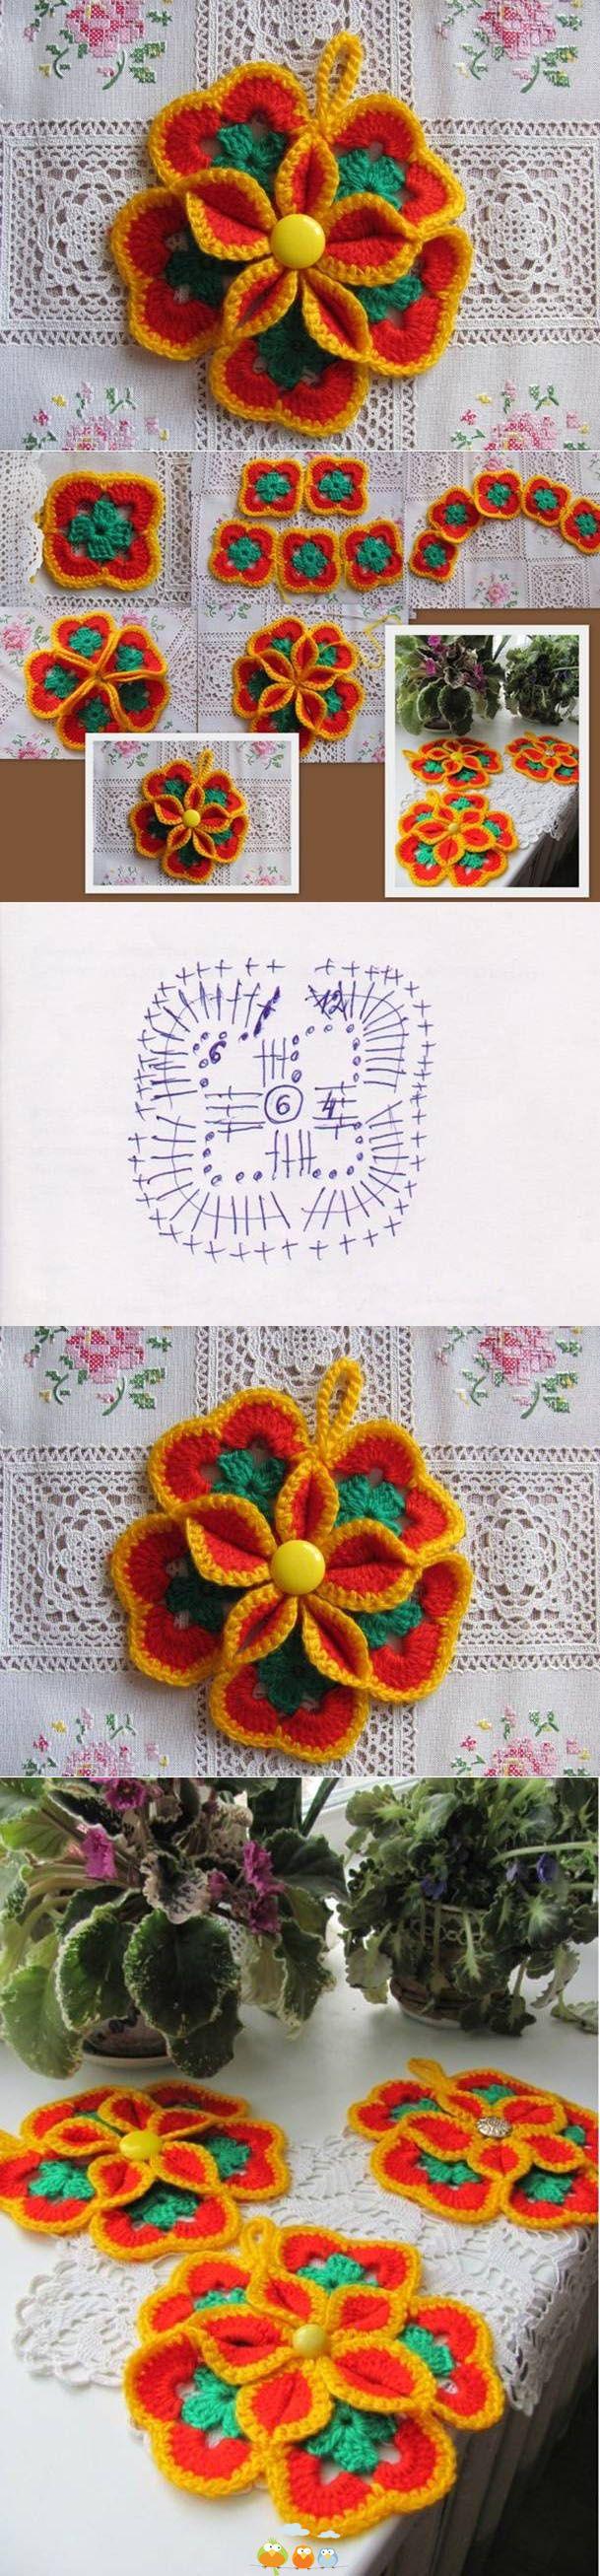 """Estas flores me recuerdan a las """"Flores Africanas"""" con sus exclusivos colores."""